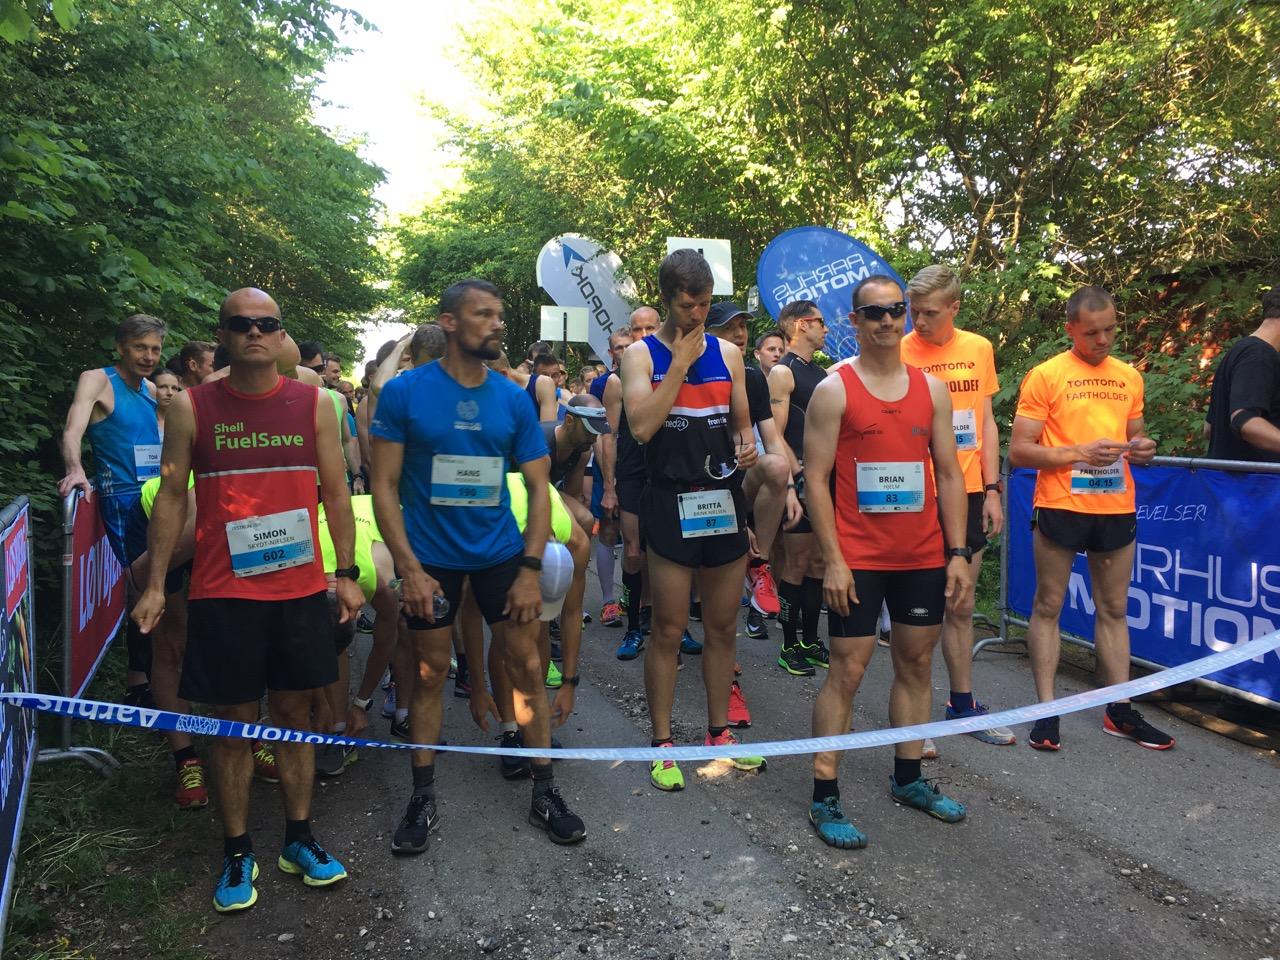 800 løbere testede formen på en 15 km flad rute rundt om Brabrandsøen